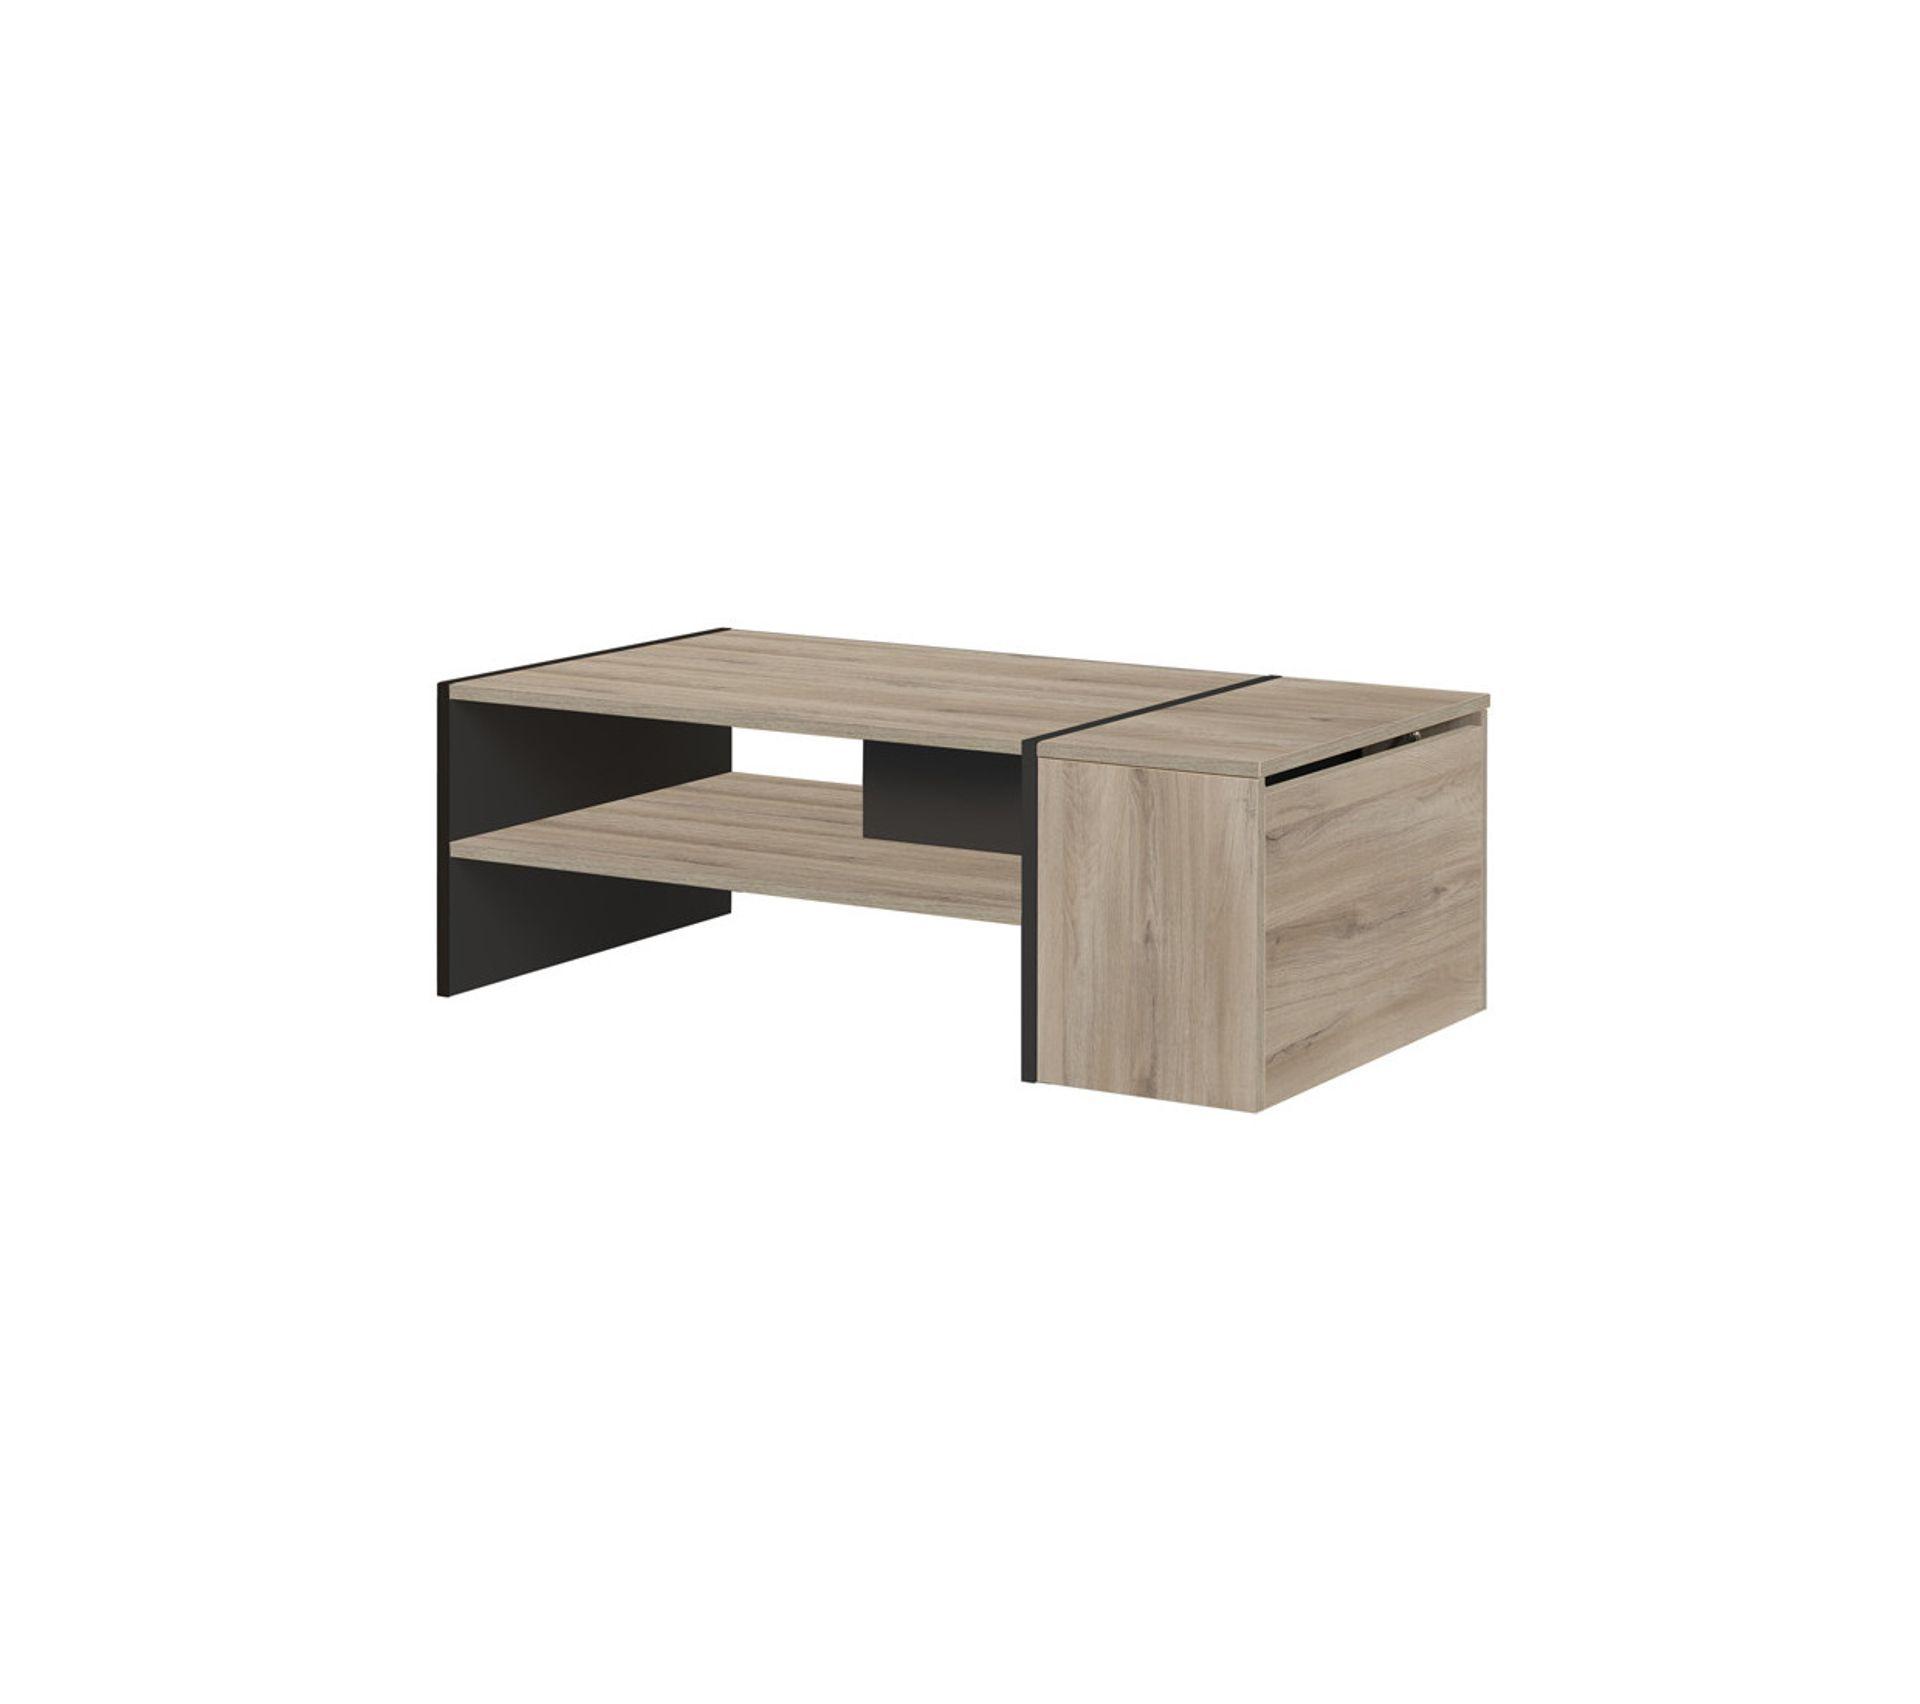 Table Basse Avec Coffre Noir Bois Clair Chicala Table Basse But